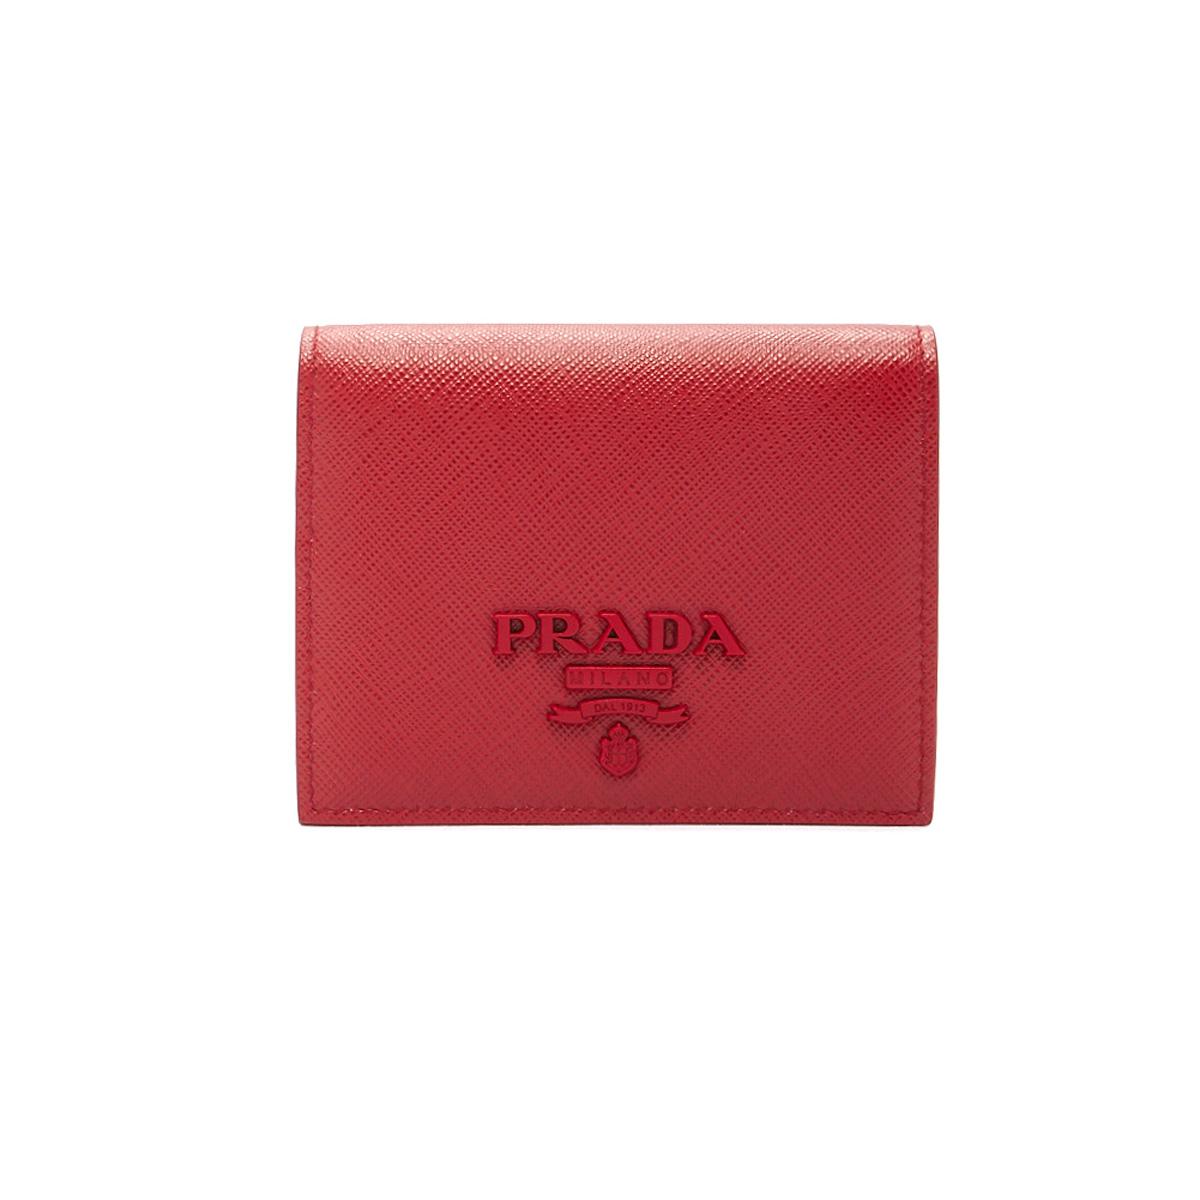 プラダ PRADA 財布 LEATHER WALLET レザー ウォレット 1MV2042EBW 小銭入れ付き 二つ折り財布 F068Z FUOCO レッド系